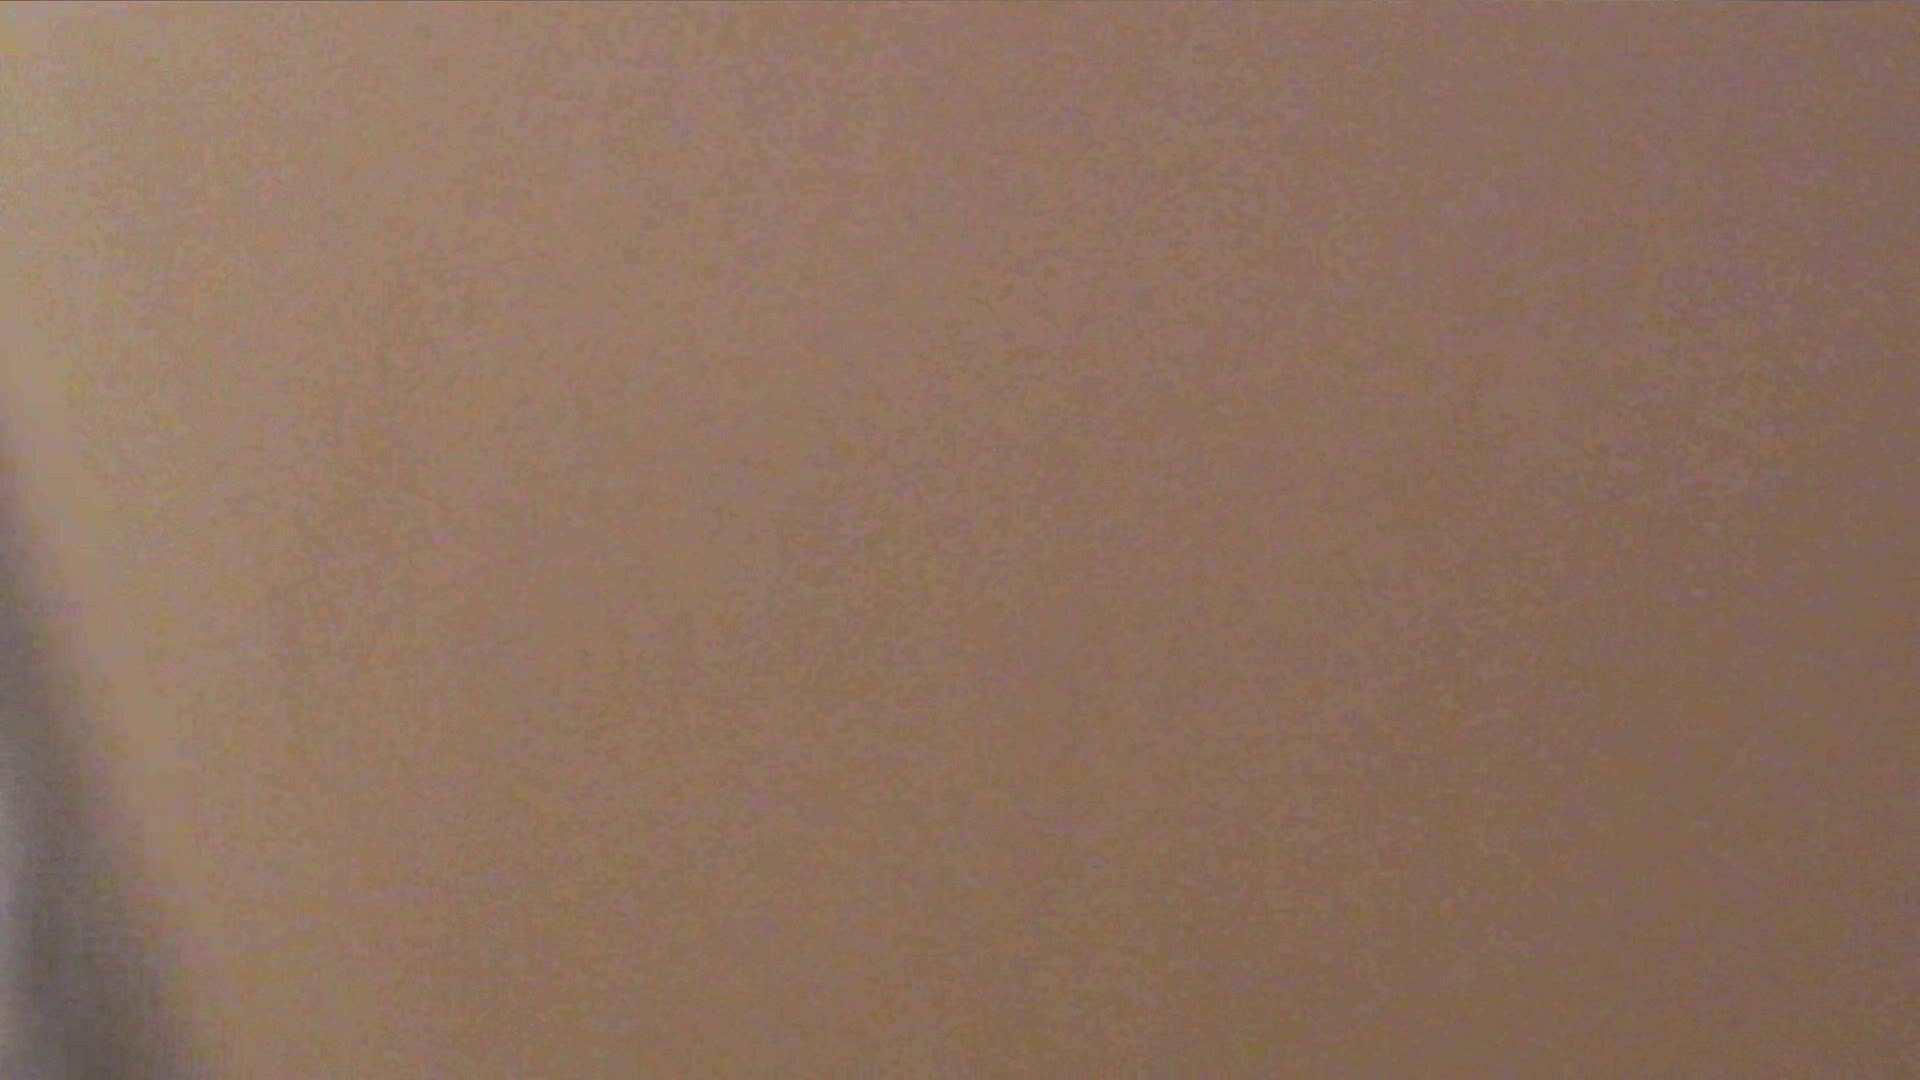 洗寿観音さんの 化粧室は四面楚歌Nol.2 丸見え  73PIX 40